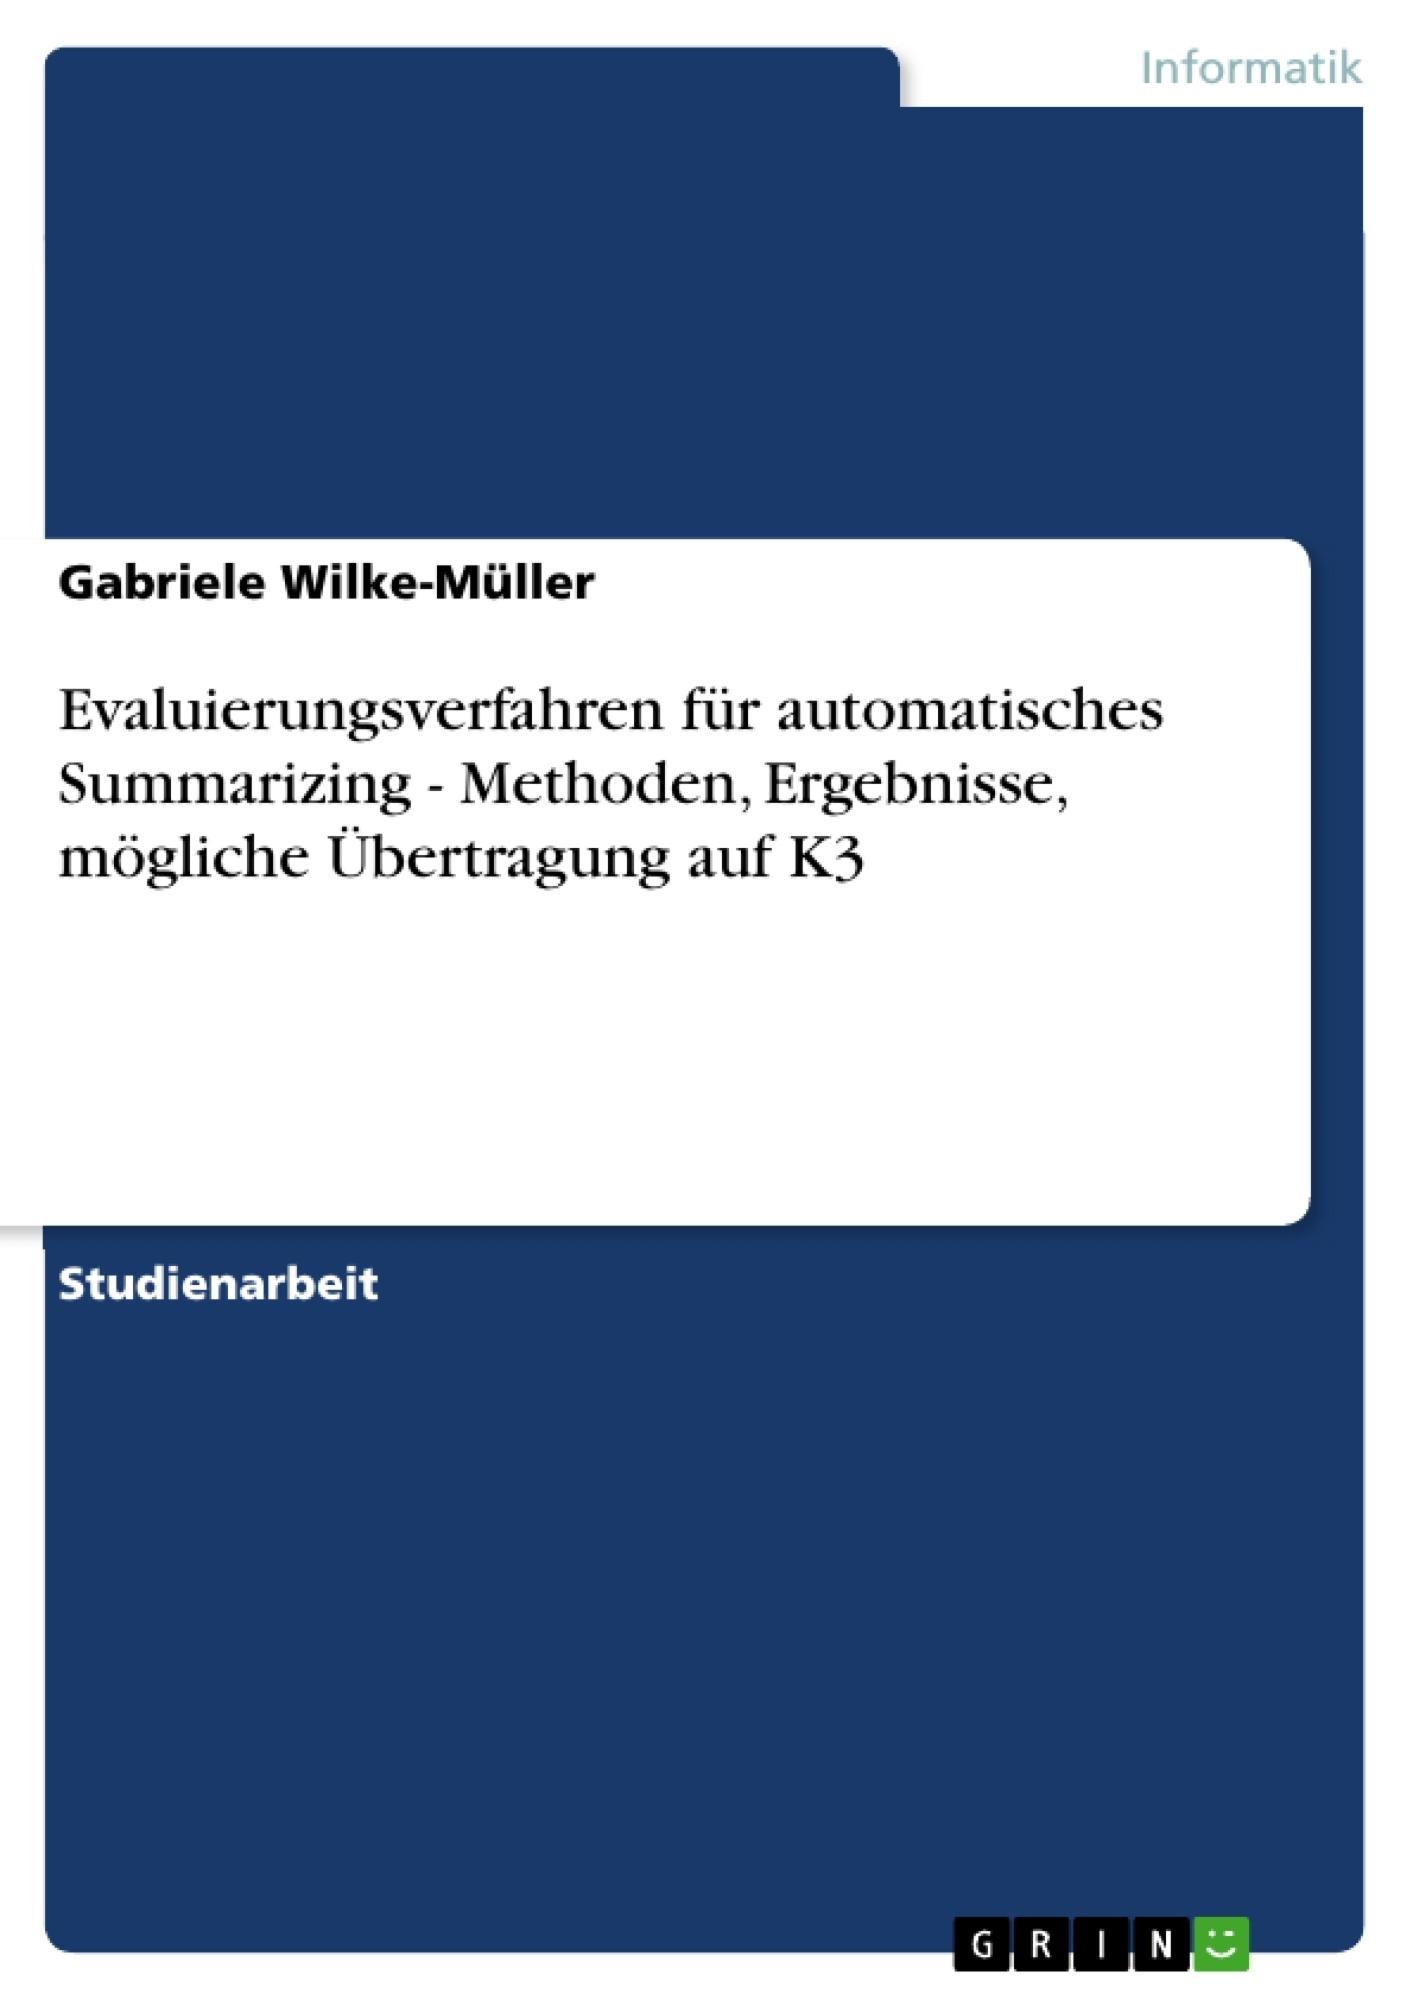 Titel: Evaluierungsverfahren für automatisches Summarizing - Methoden, Ergebnisse, mögliche Übertragung auf K3